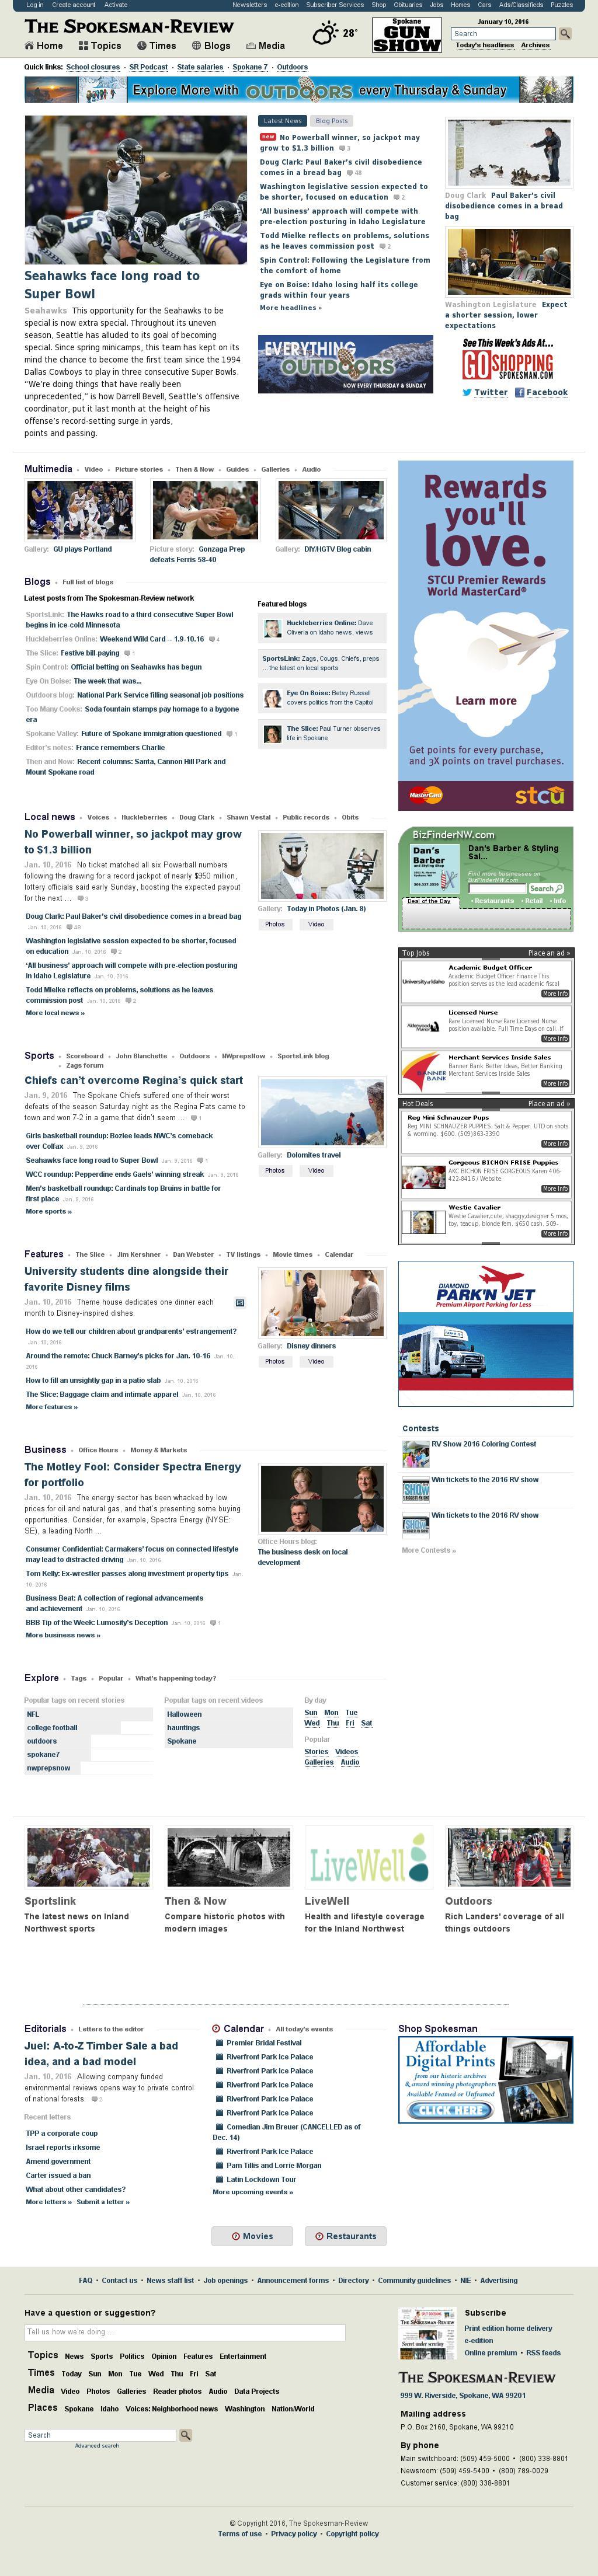 The (Spokane) Spokesman-Review at Sunday Jan. 10, 2016, 5:25 p.m. UTC